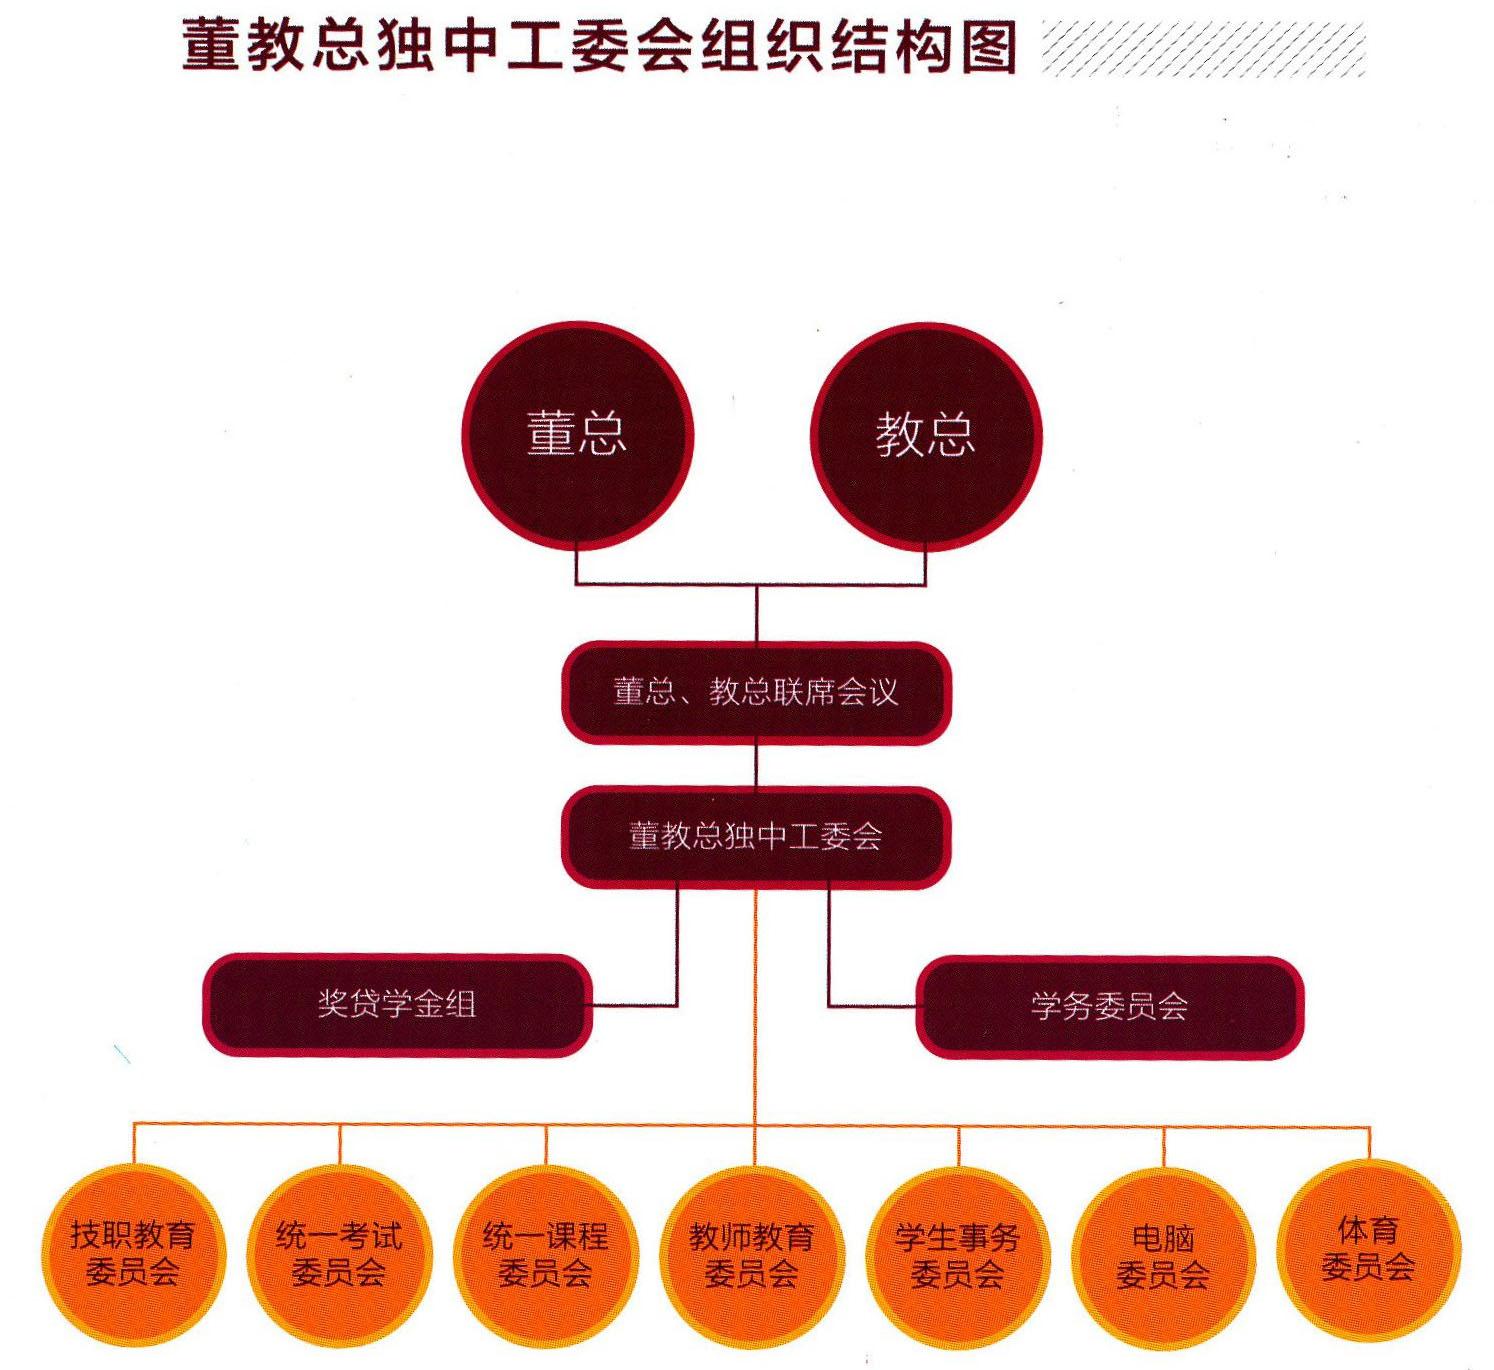 董教总独中工委会组织结构图